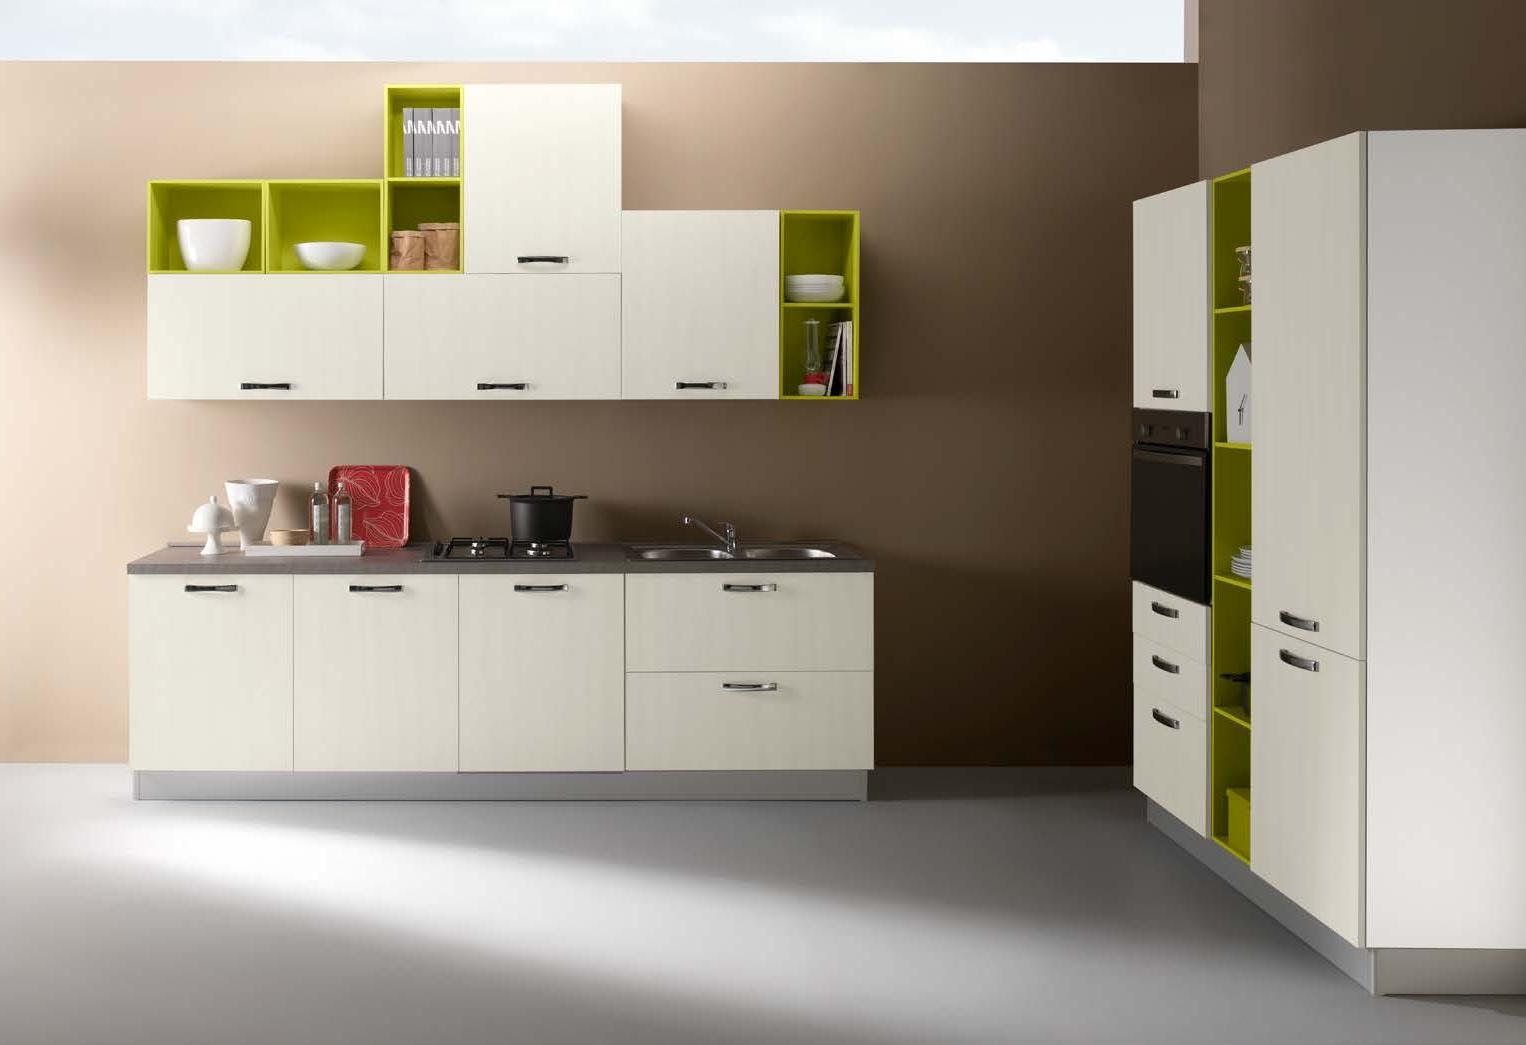 Netcucine cucina in stile moderno con elettrodomestici - Elettrodomestici cucina ...